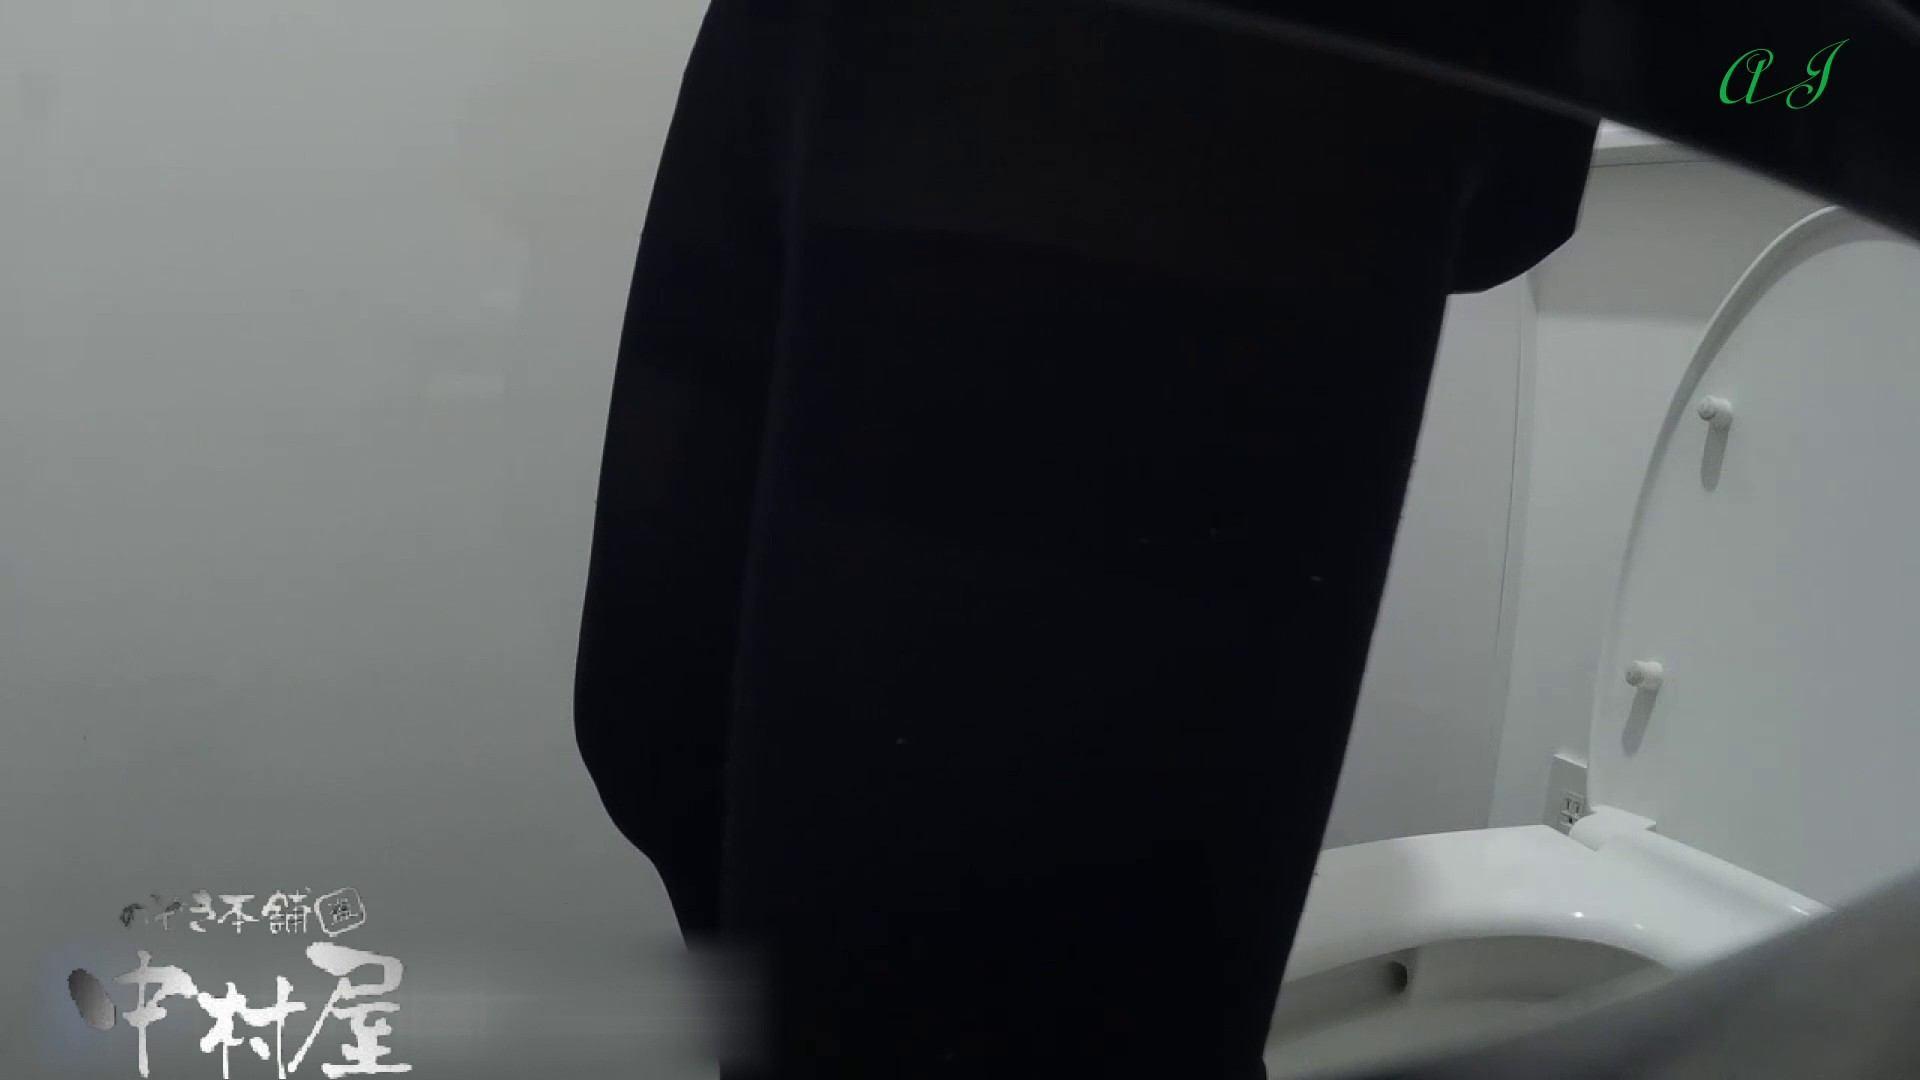 新アングル 4名の美女達 有名大学女性洗面所 vol.76後編 洗面所編 オマンコ無修正動画無料 98PIX 10